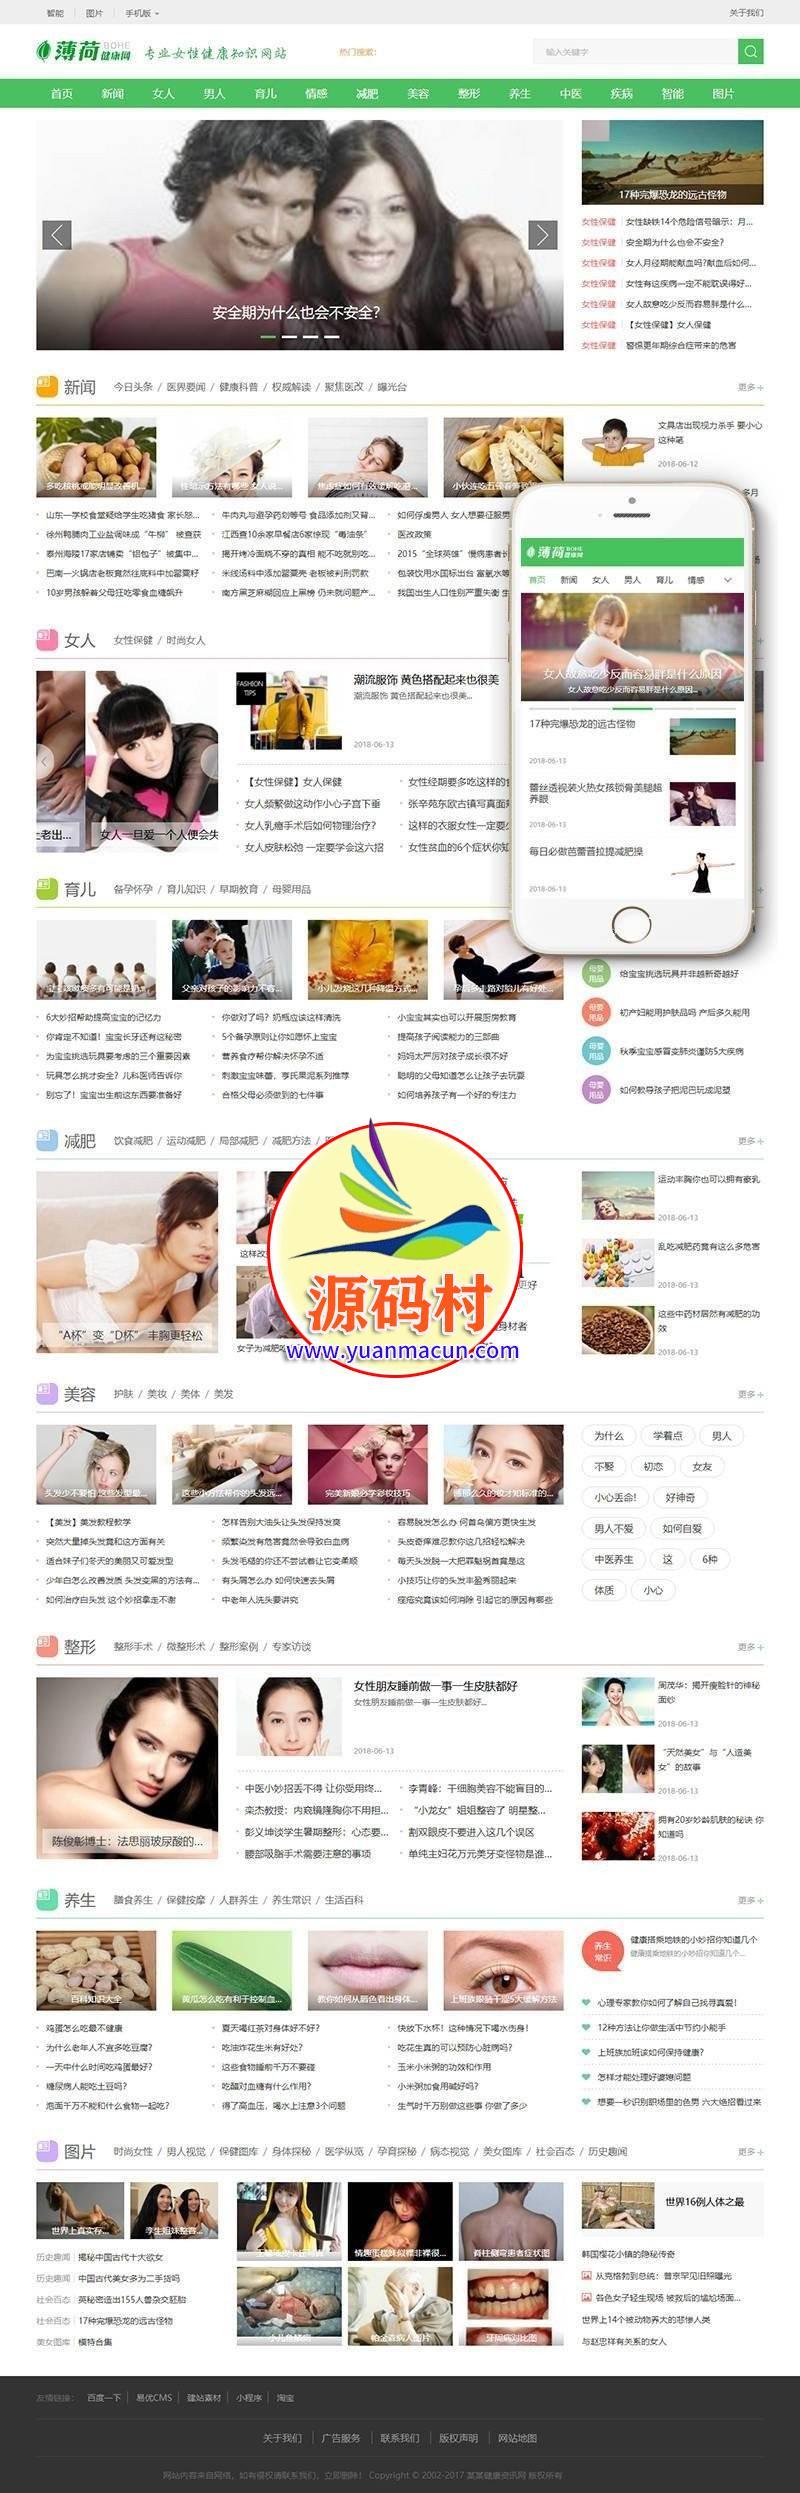 dedecms织梦女性健康养生资讯网类网站源码(带手机端) 专业女性健康知识网站源码下载